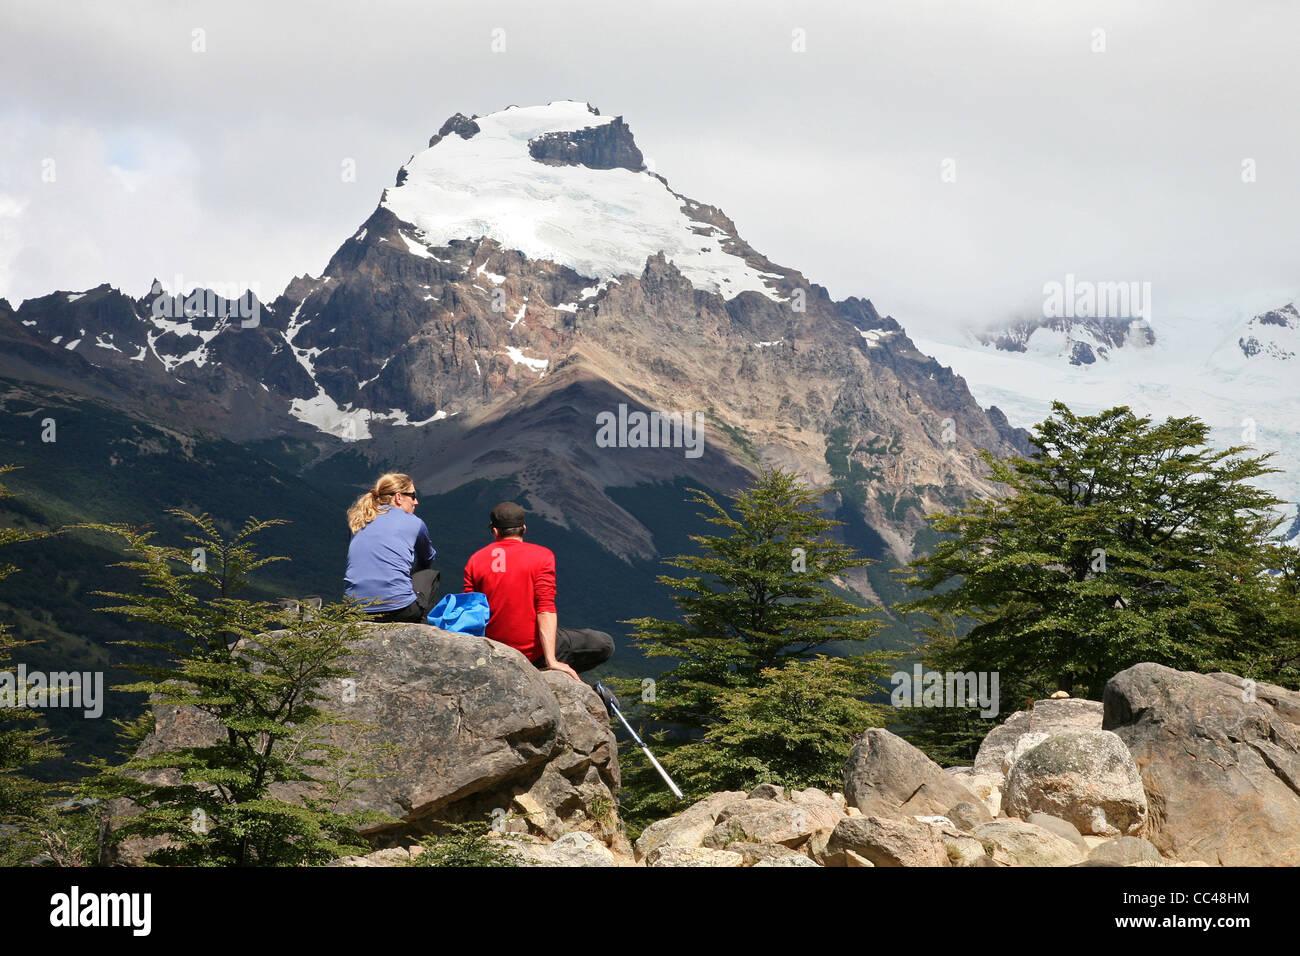 Wanderer, Blick auf die Berggipfel in den Anden in der Nähe von El Chalten, Argentinien Stockbild